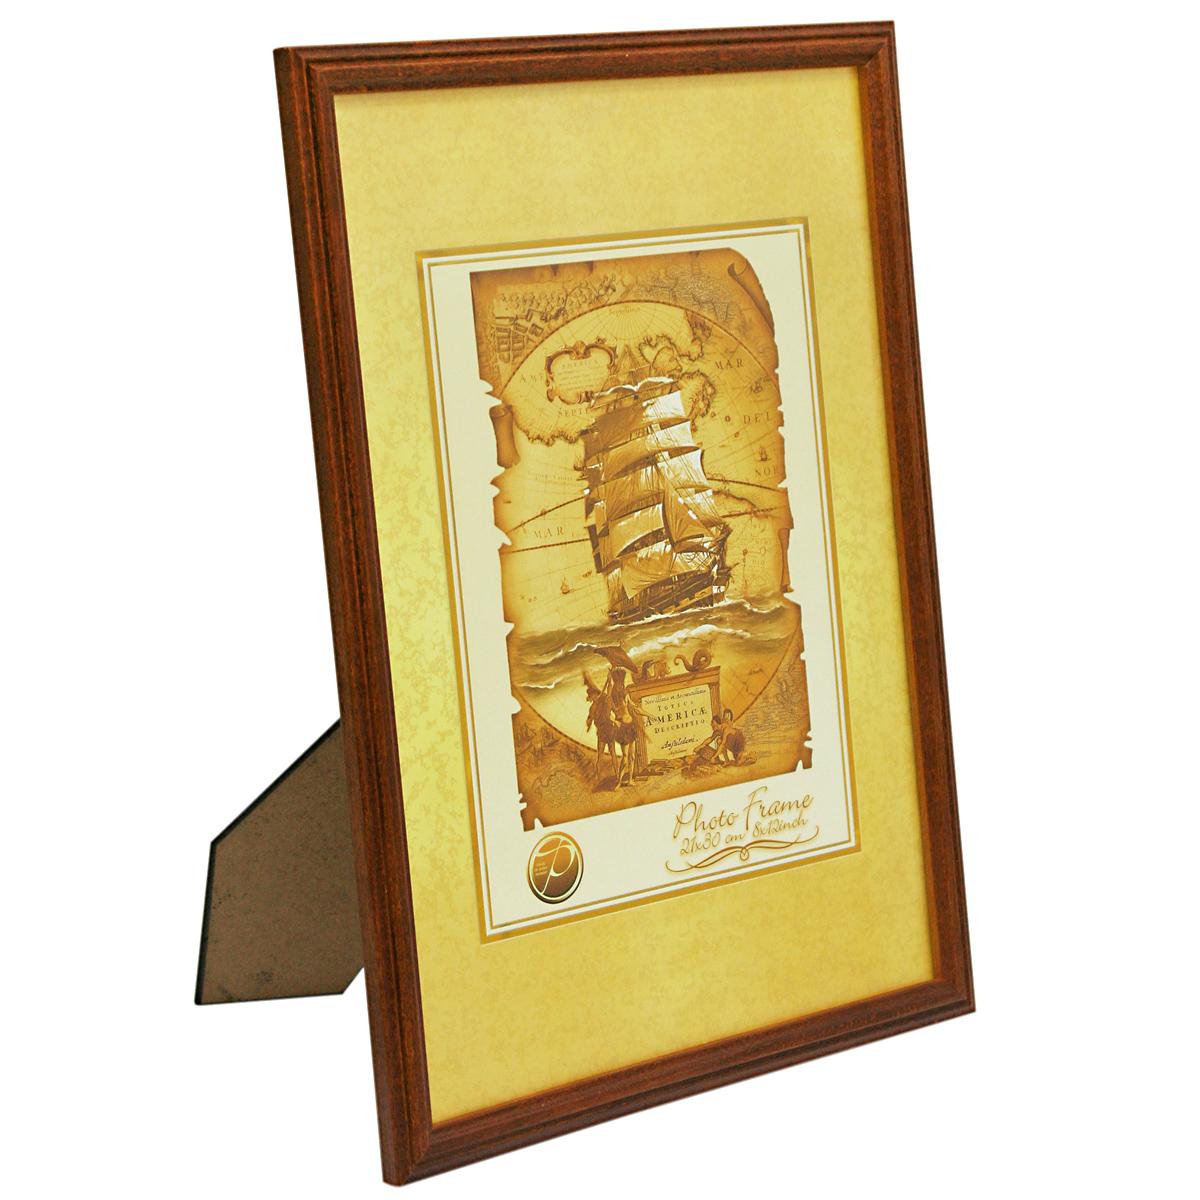 Фоторамка деревянная Veld-Co, цвет: темно-рыжий, 10 х 15 см6268_темно-рыжийФоторамка Pioneer Nora выполнена из дерева и стекла, защищающего фотографию. Оборотная сторона рамки оснащена специальной ножкой, благодаря которой ее можно поставить на стол или любое другое место в доме или офисе. Также изделие оснащено специальными отверстиями для подвешивания на стену. Такая фоторамка поможет вам оригинально и стильно дополнить интерьер помещения, а также позволит сохранить память о дорогих вам людях и интересных событиях вашей жизни.